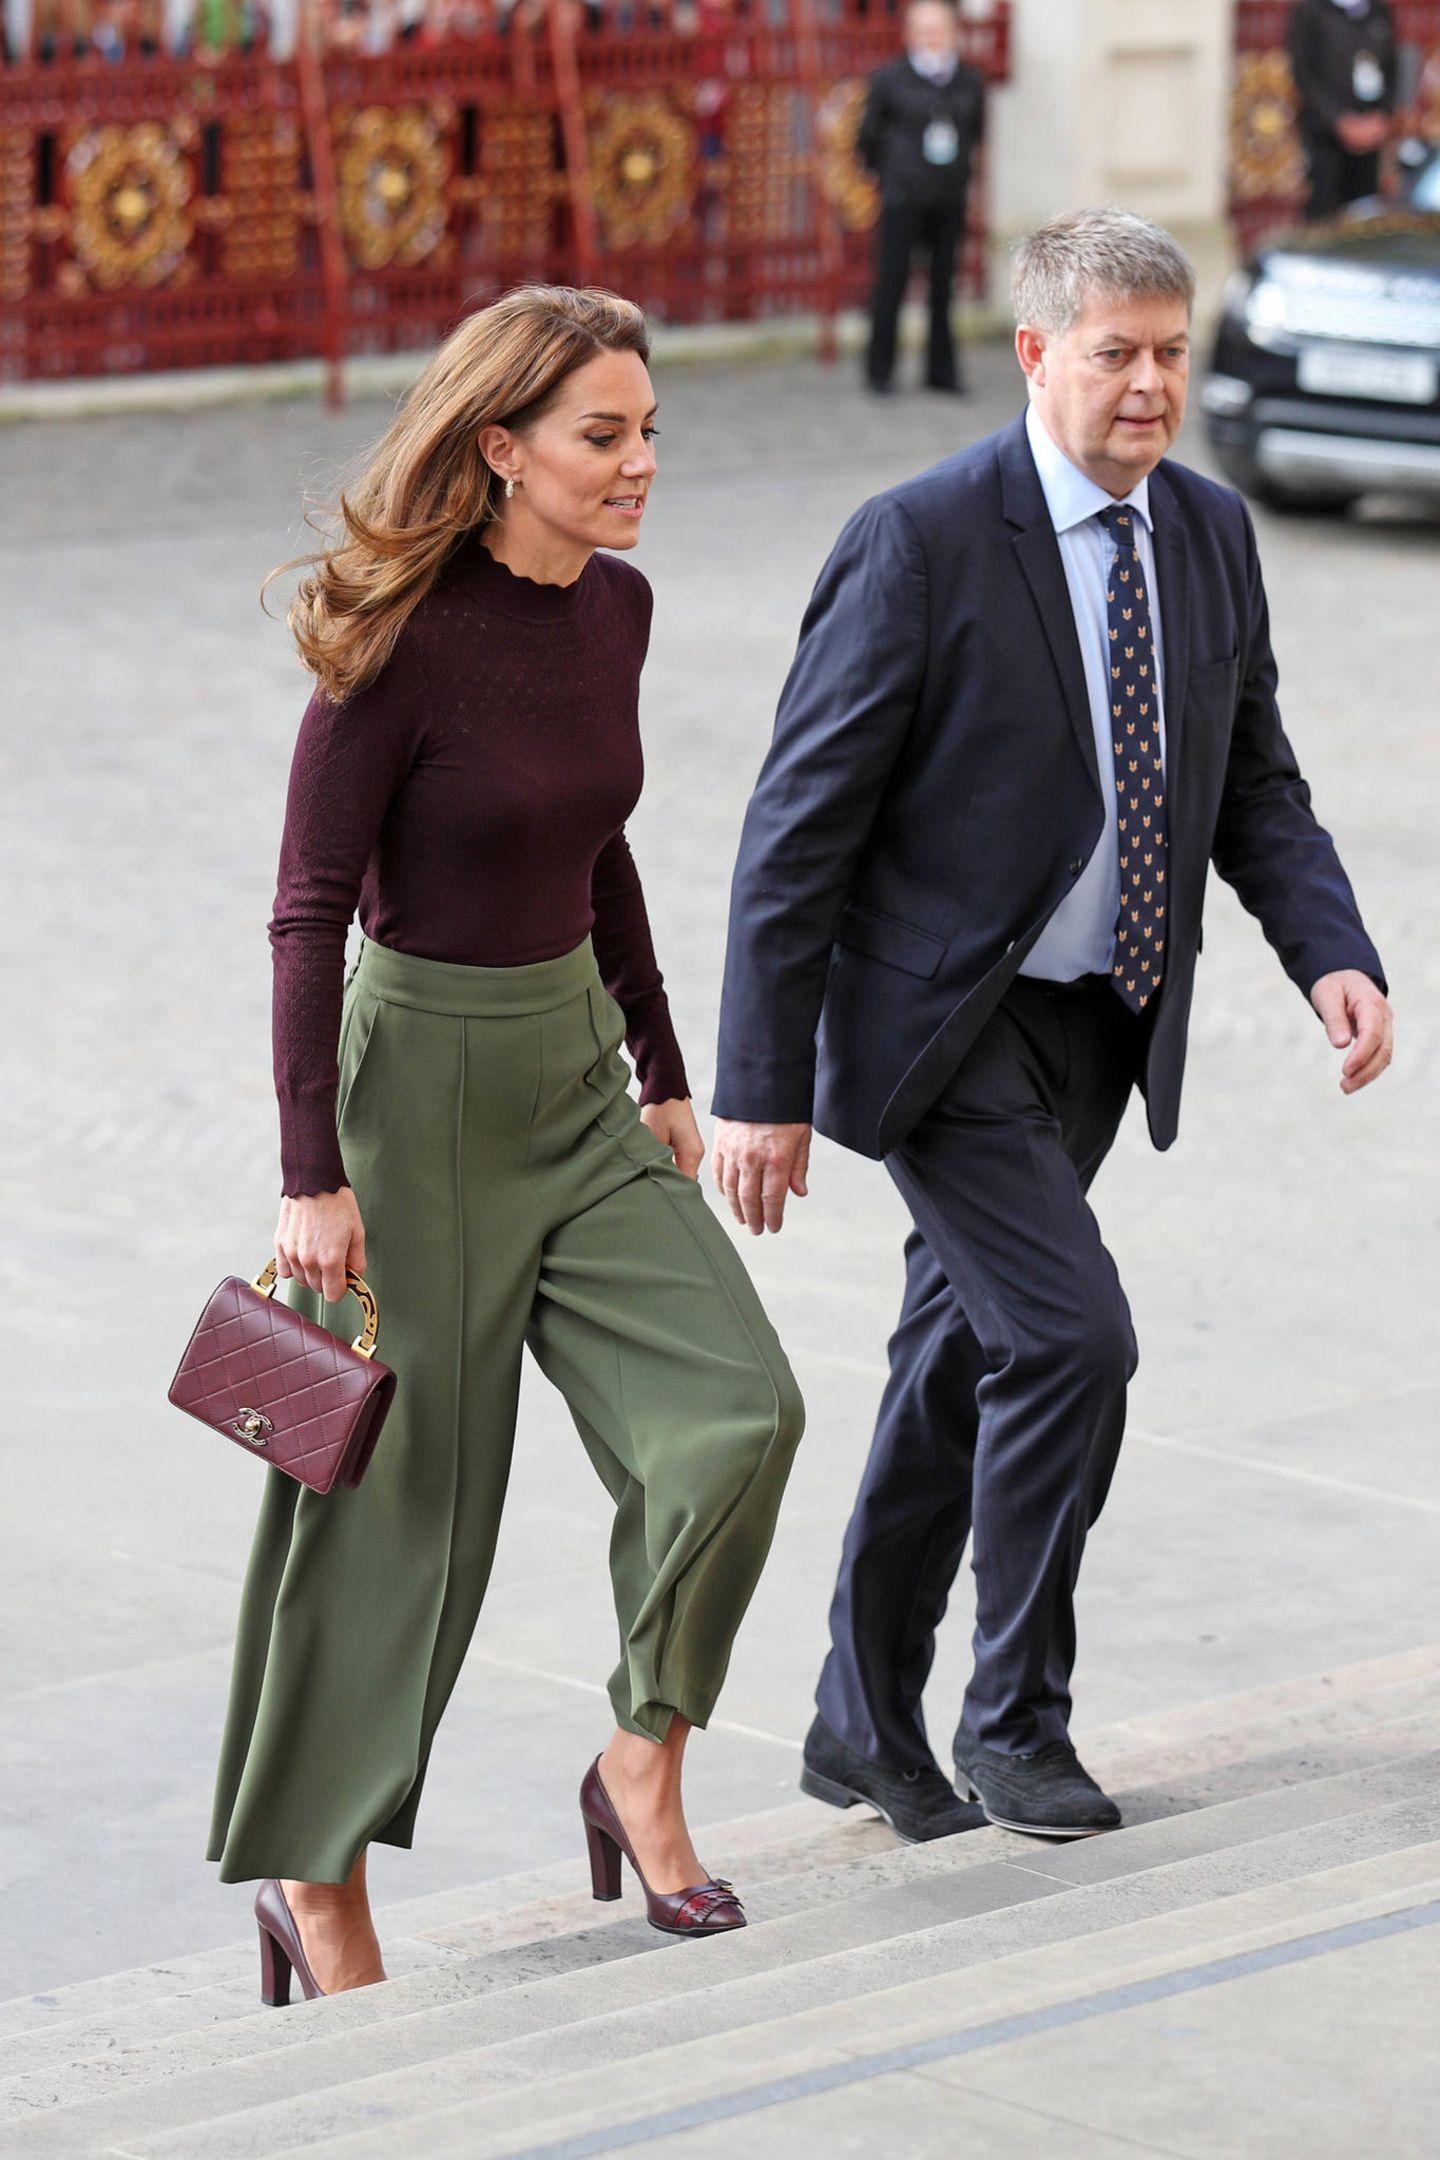 Catherine trägt einen hautengen, raffinierten Rollkragen-Pullover in einem Bourdeaux-Ton (von Warehouse, ca. 46 Euro). Dazu wählt die Herzogin eine weite Hose in Grüntönen, Pumps - ebenfalls in bordeauxrot und eine luxuriöse Handtasche von Chanel.